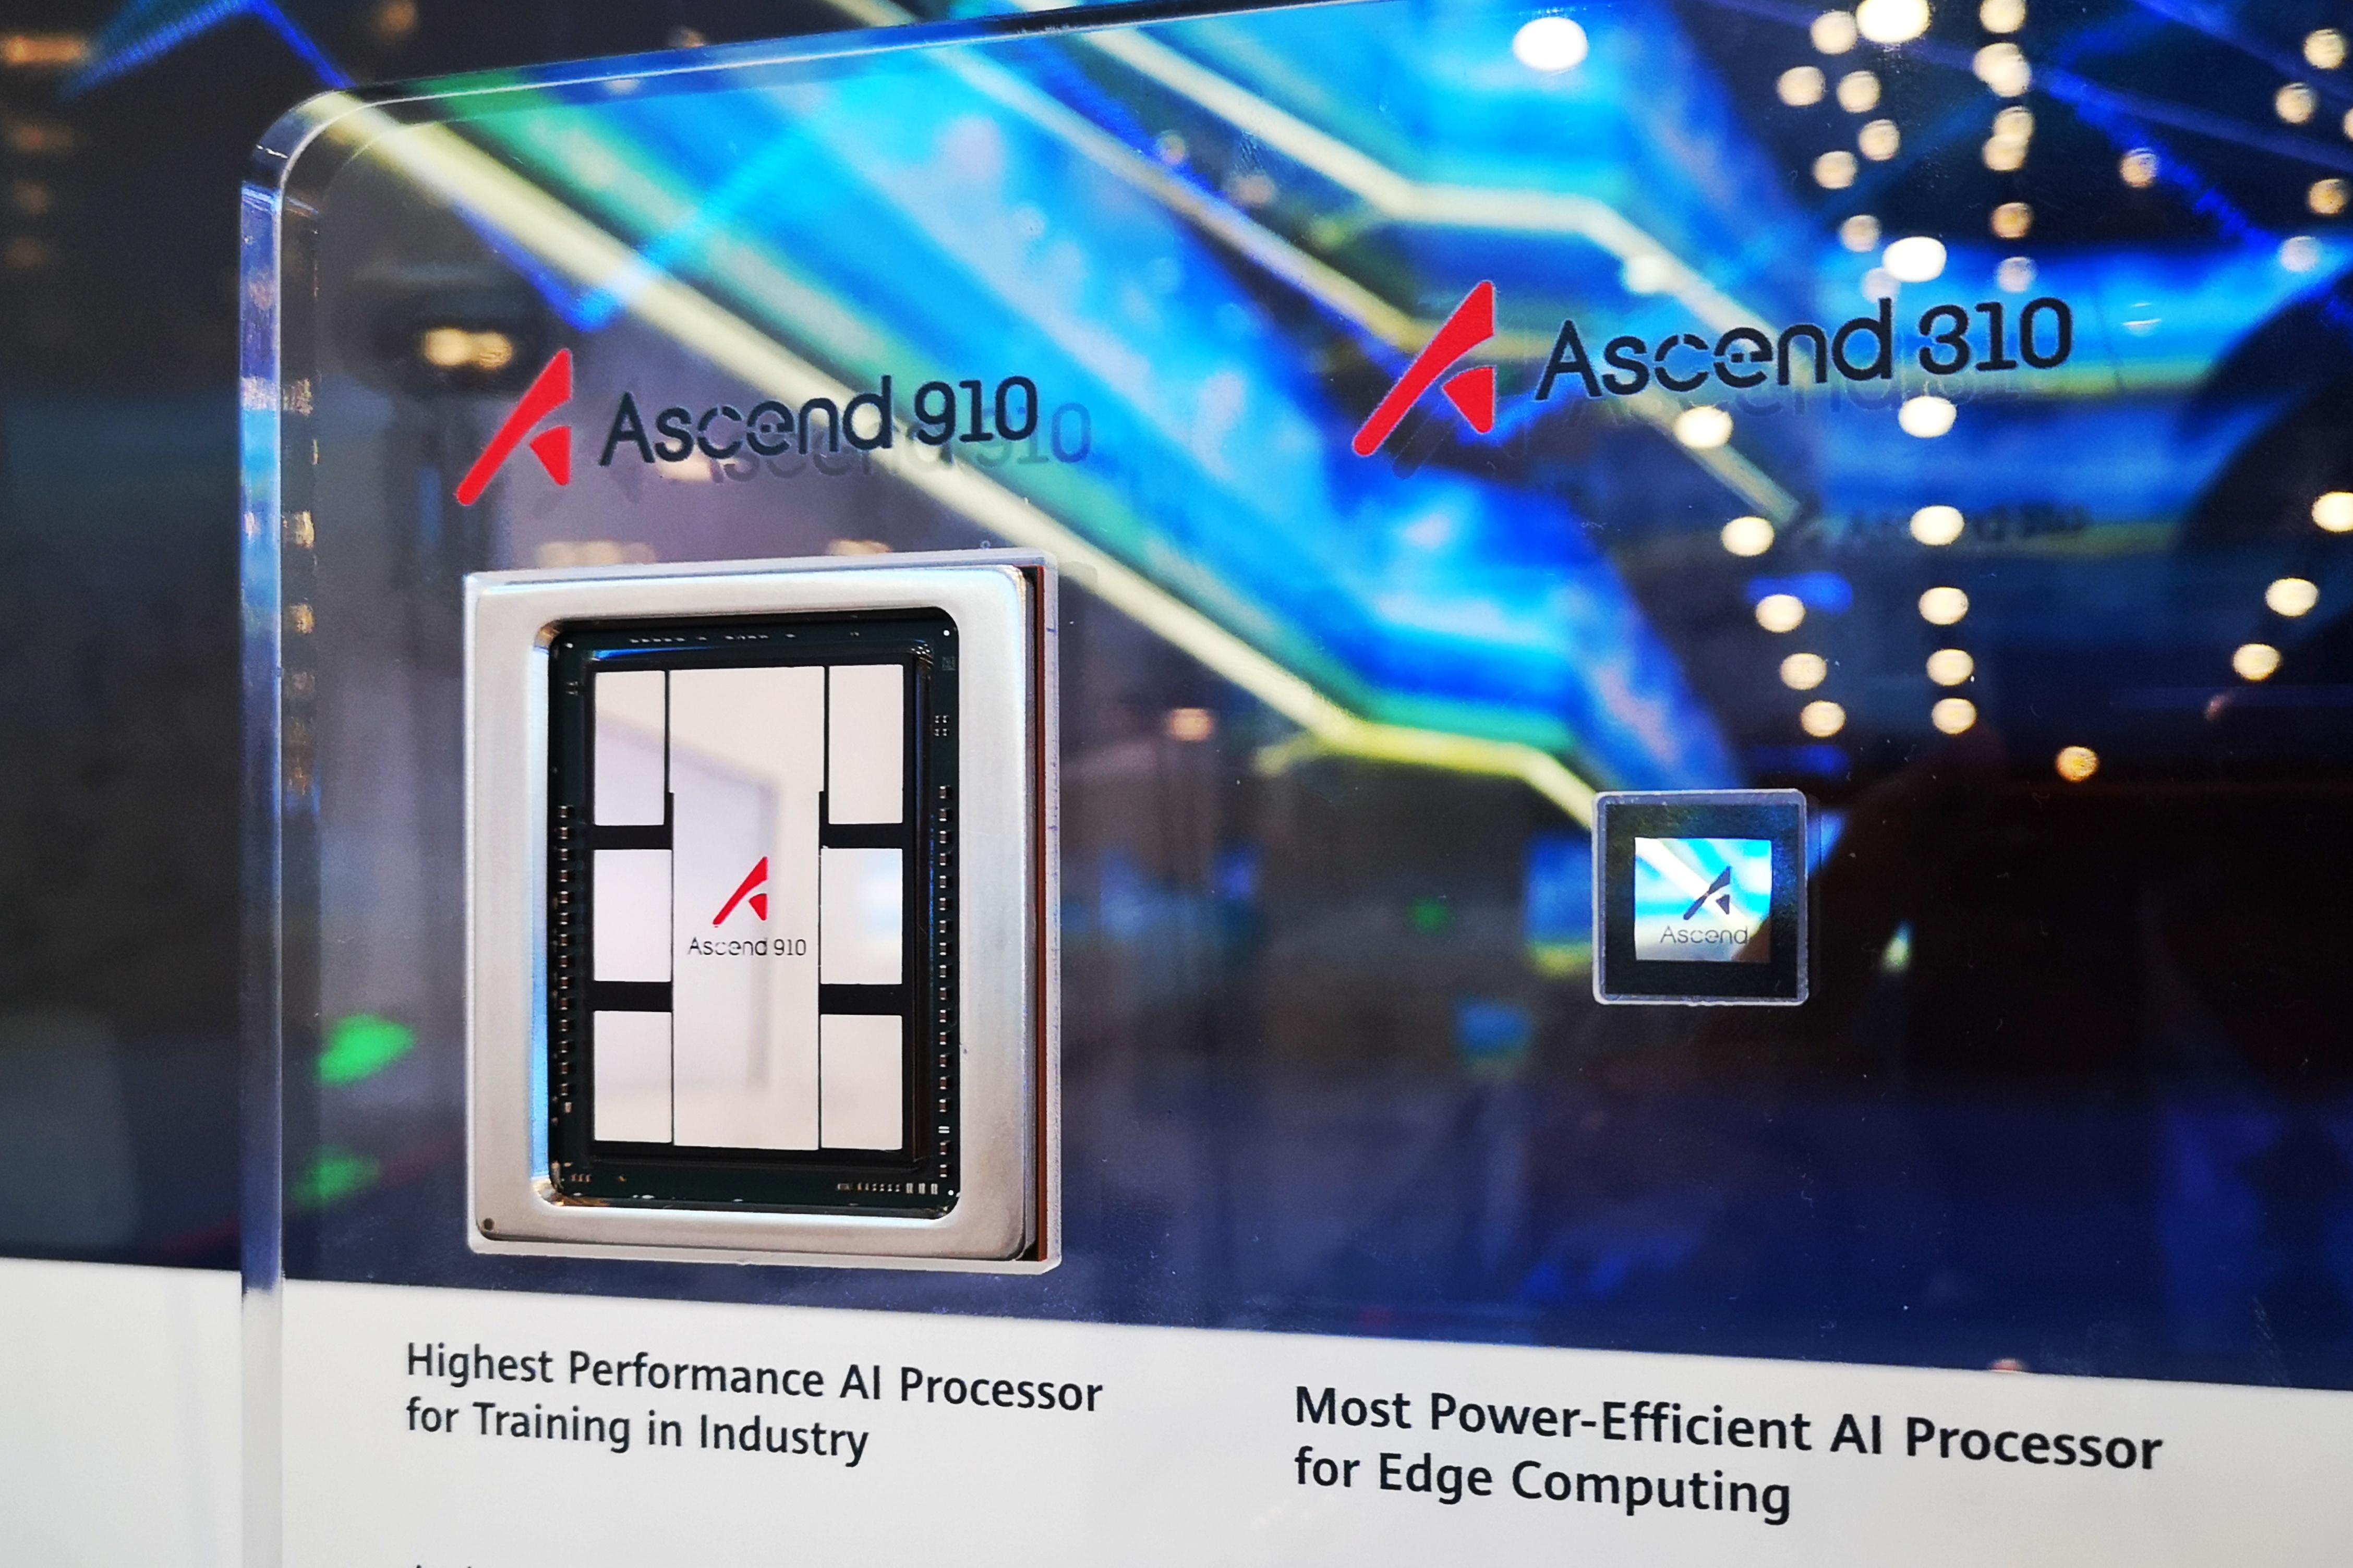 华为AI处理器昇腾910发布:业界算力最强的照片 - 1